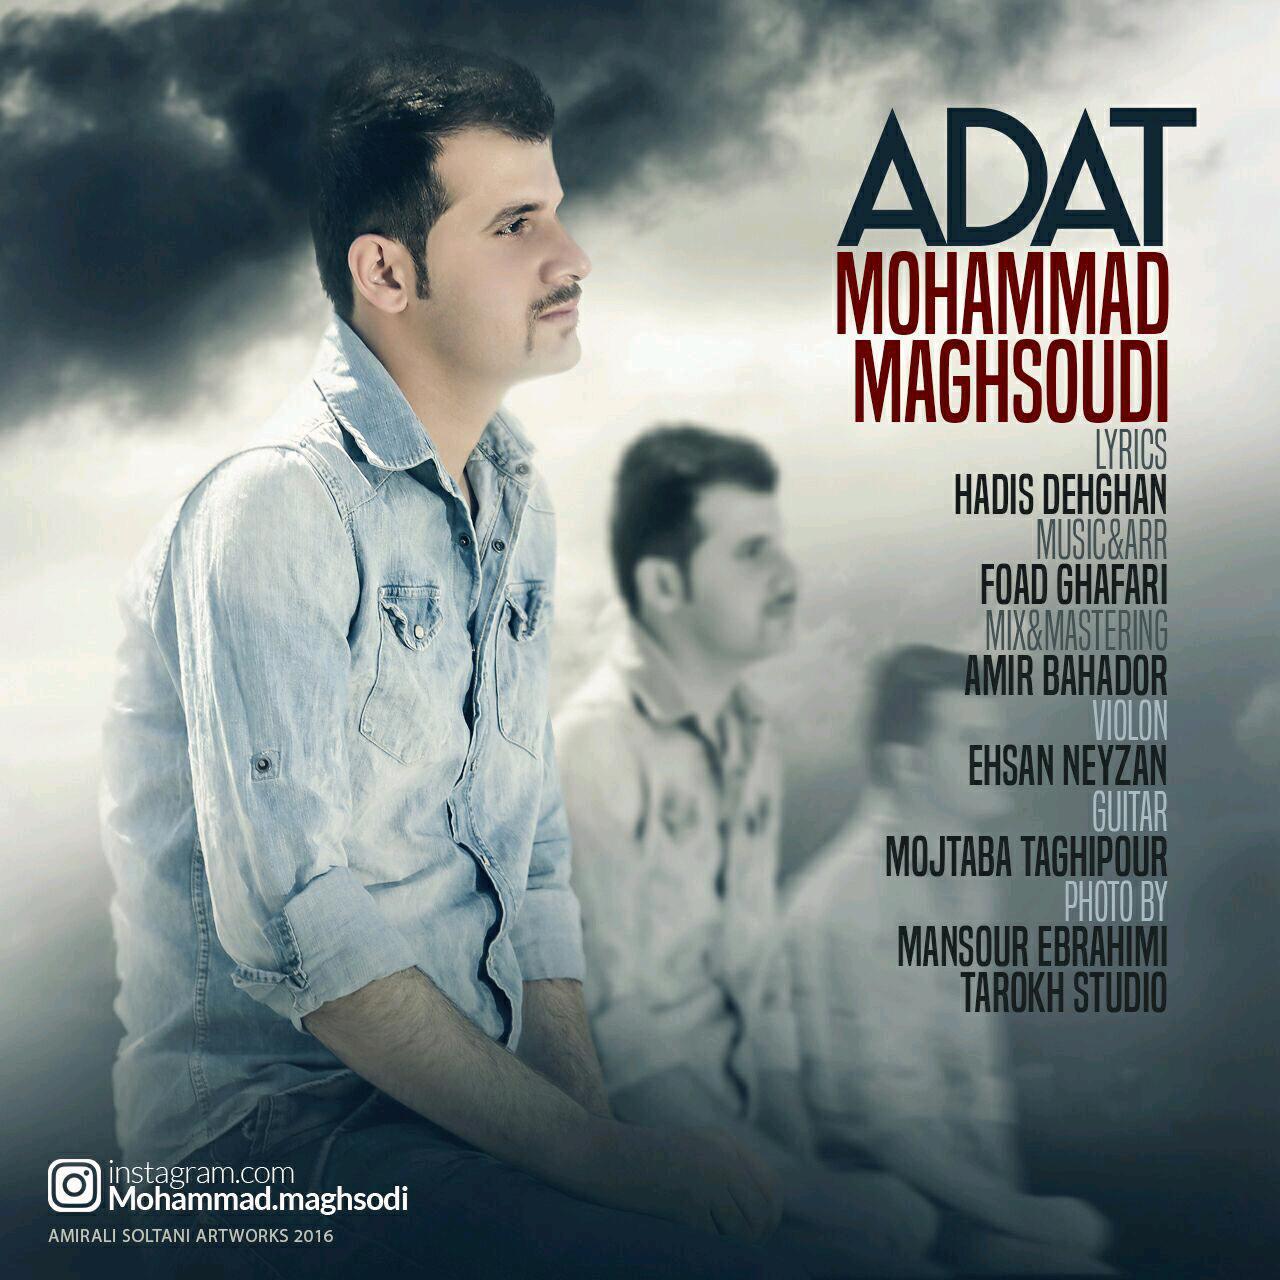 Mohammad Maghsoudi – Adat